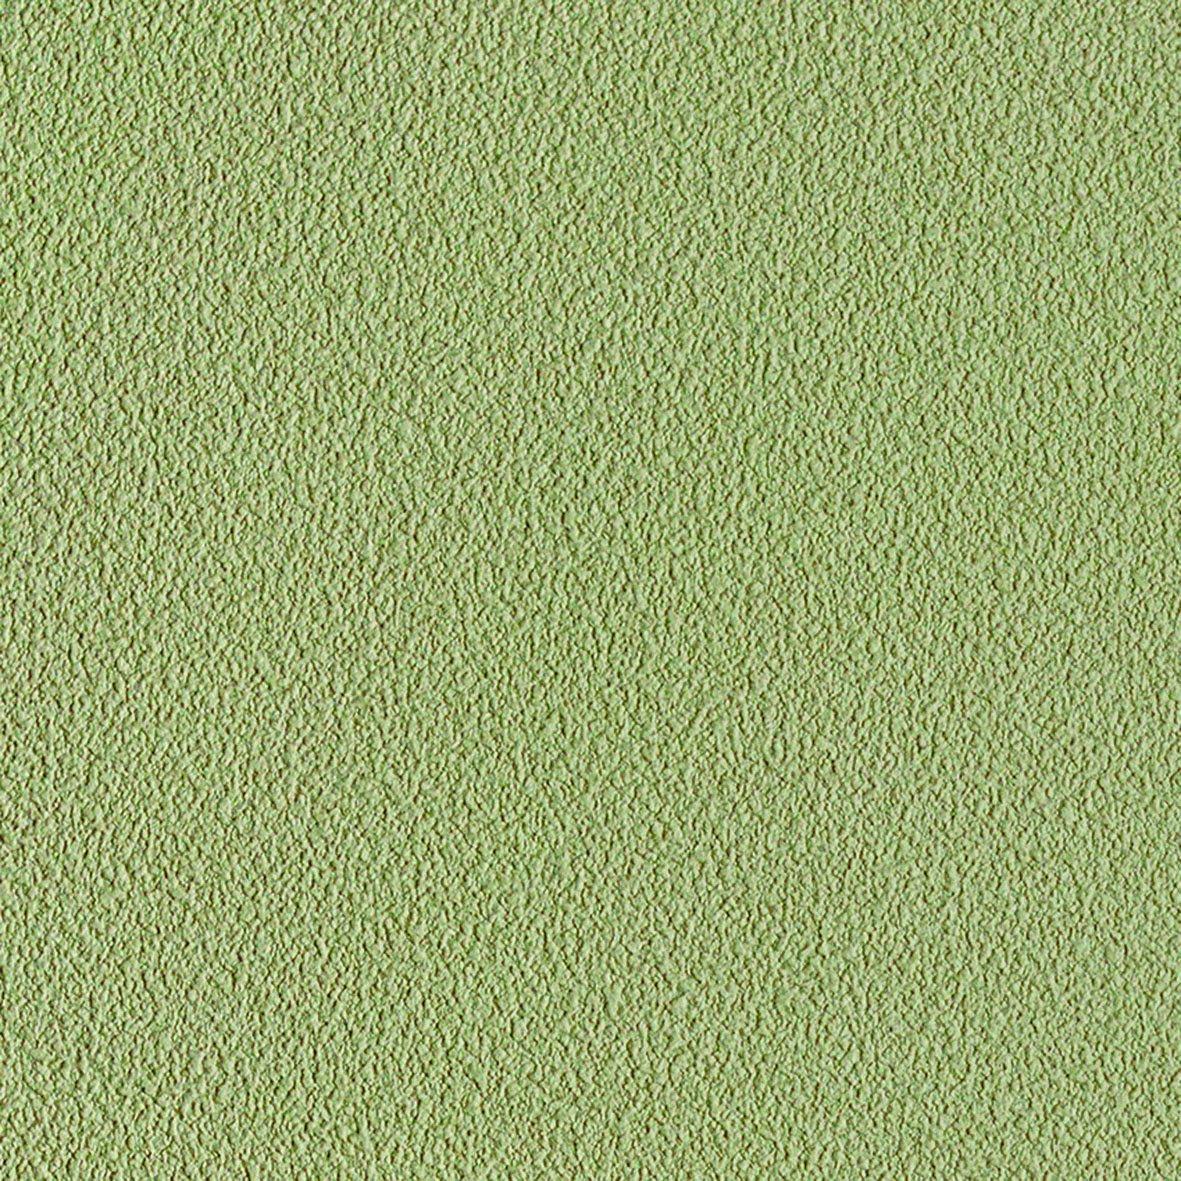 リリカラ 壁紙39m ナチュラル 石目調 グリーン LL-8281 B01N8OBWSA 39m|グリーン1